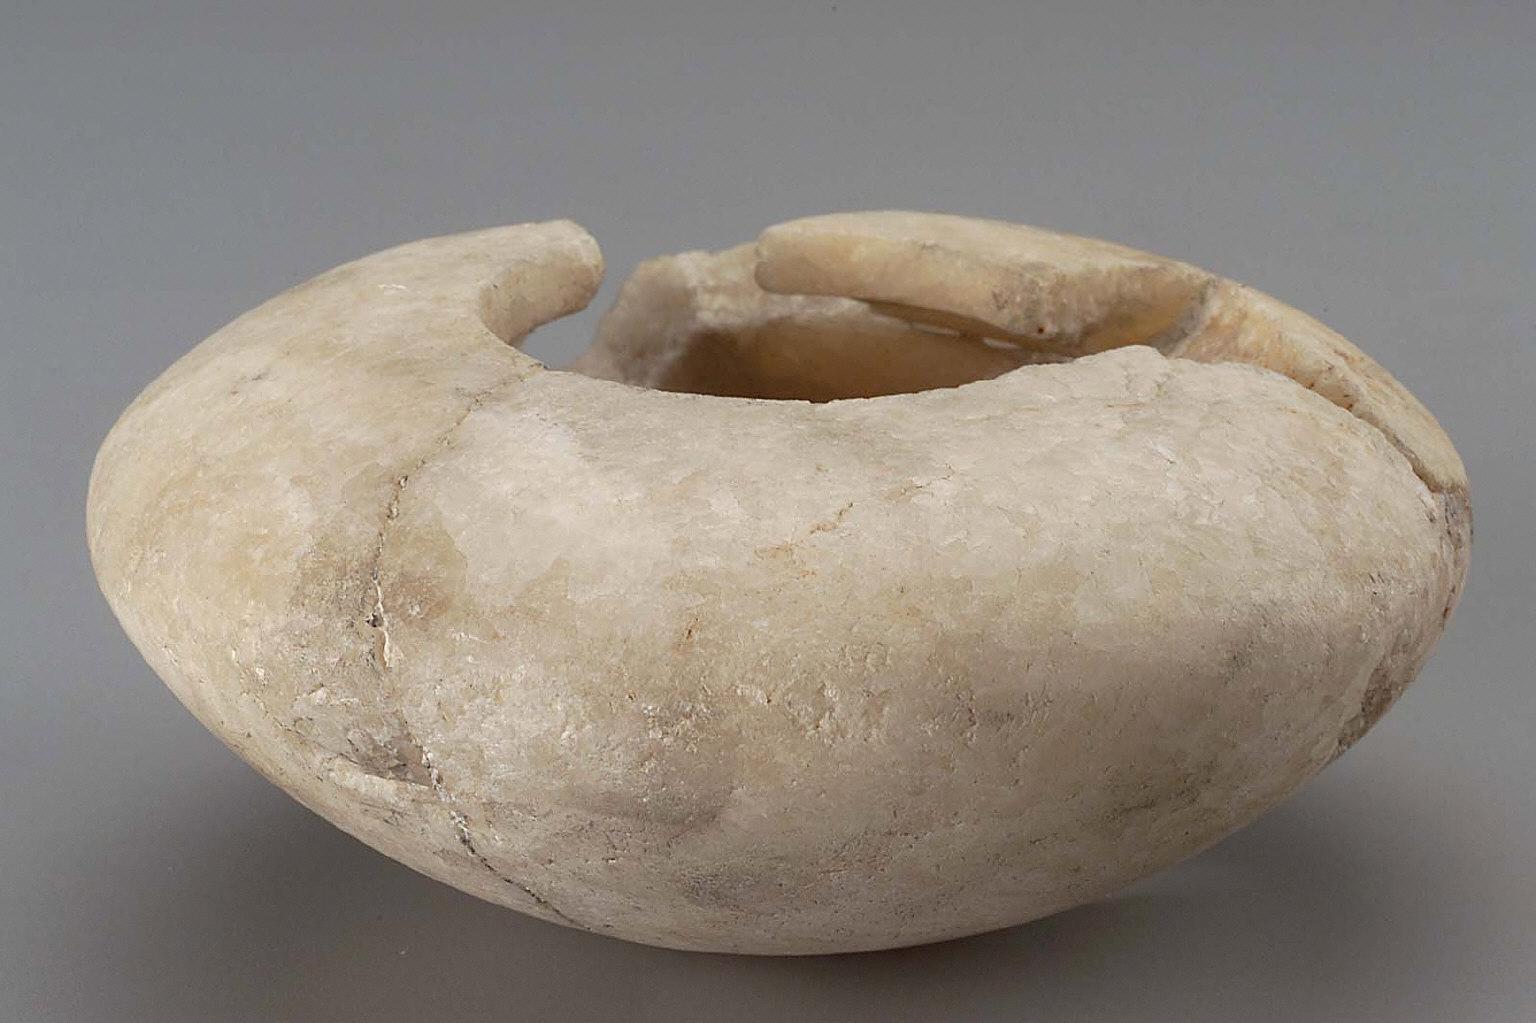 Squat jar